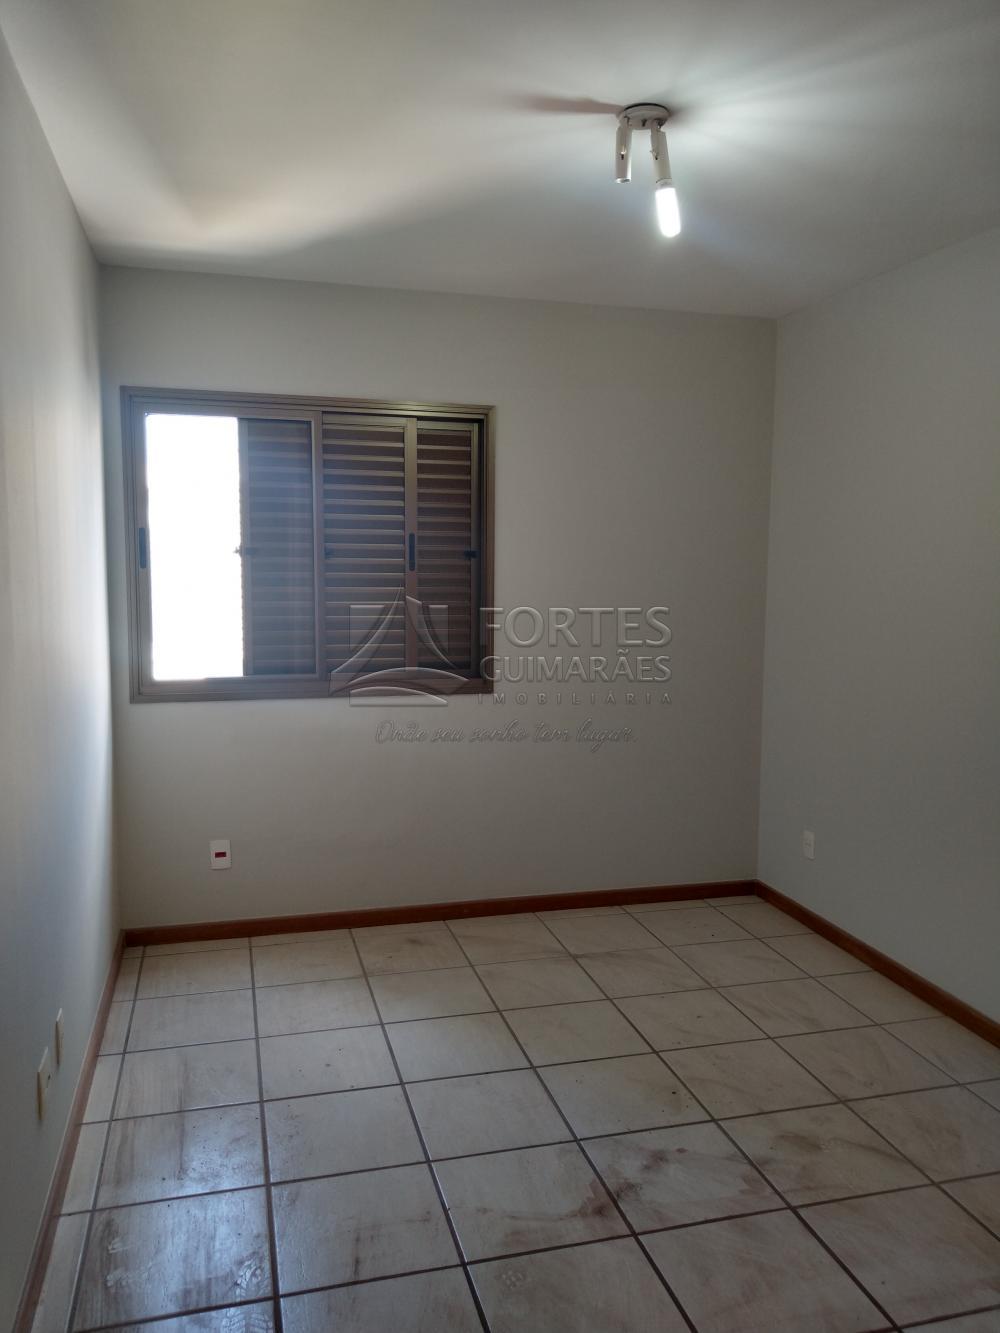 Alugar Apartamentos / Padrão em Ribeirão Preto apenas R$ 1.600,00 - Foto 47